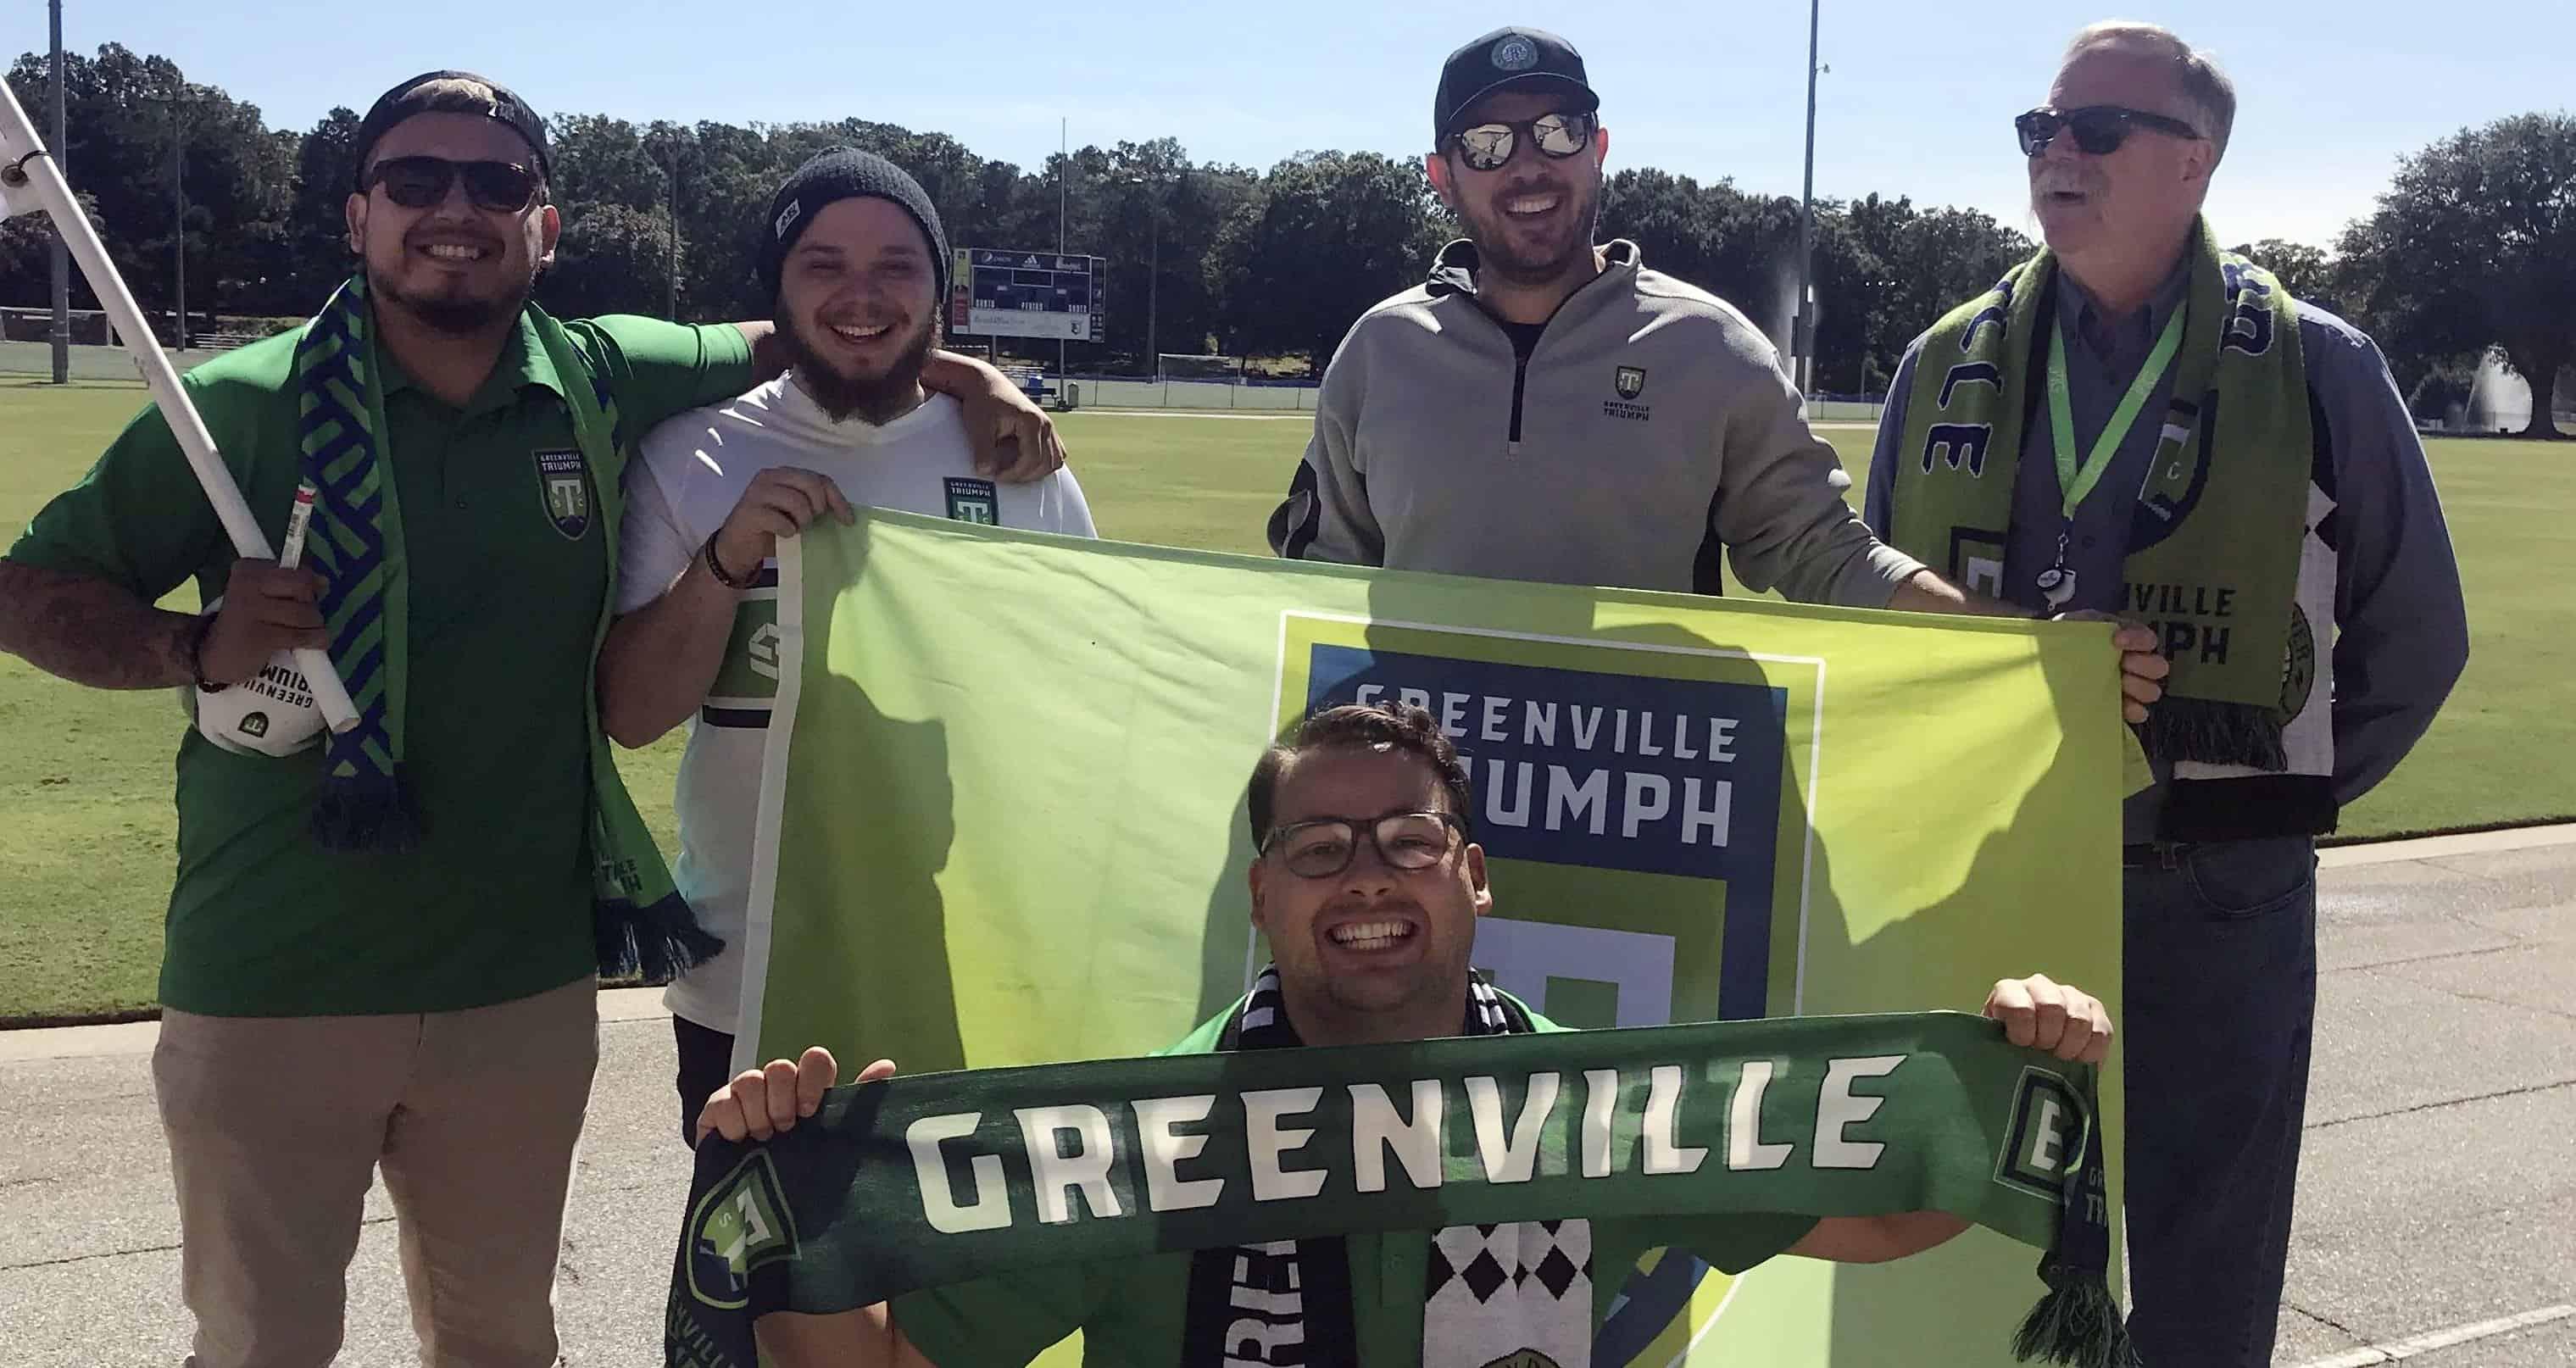 Greenville Triumph